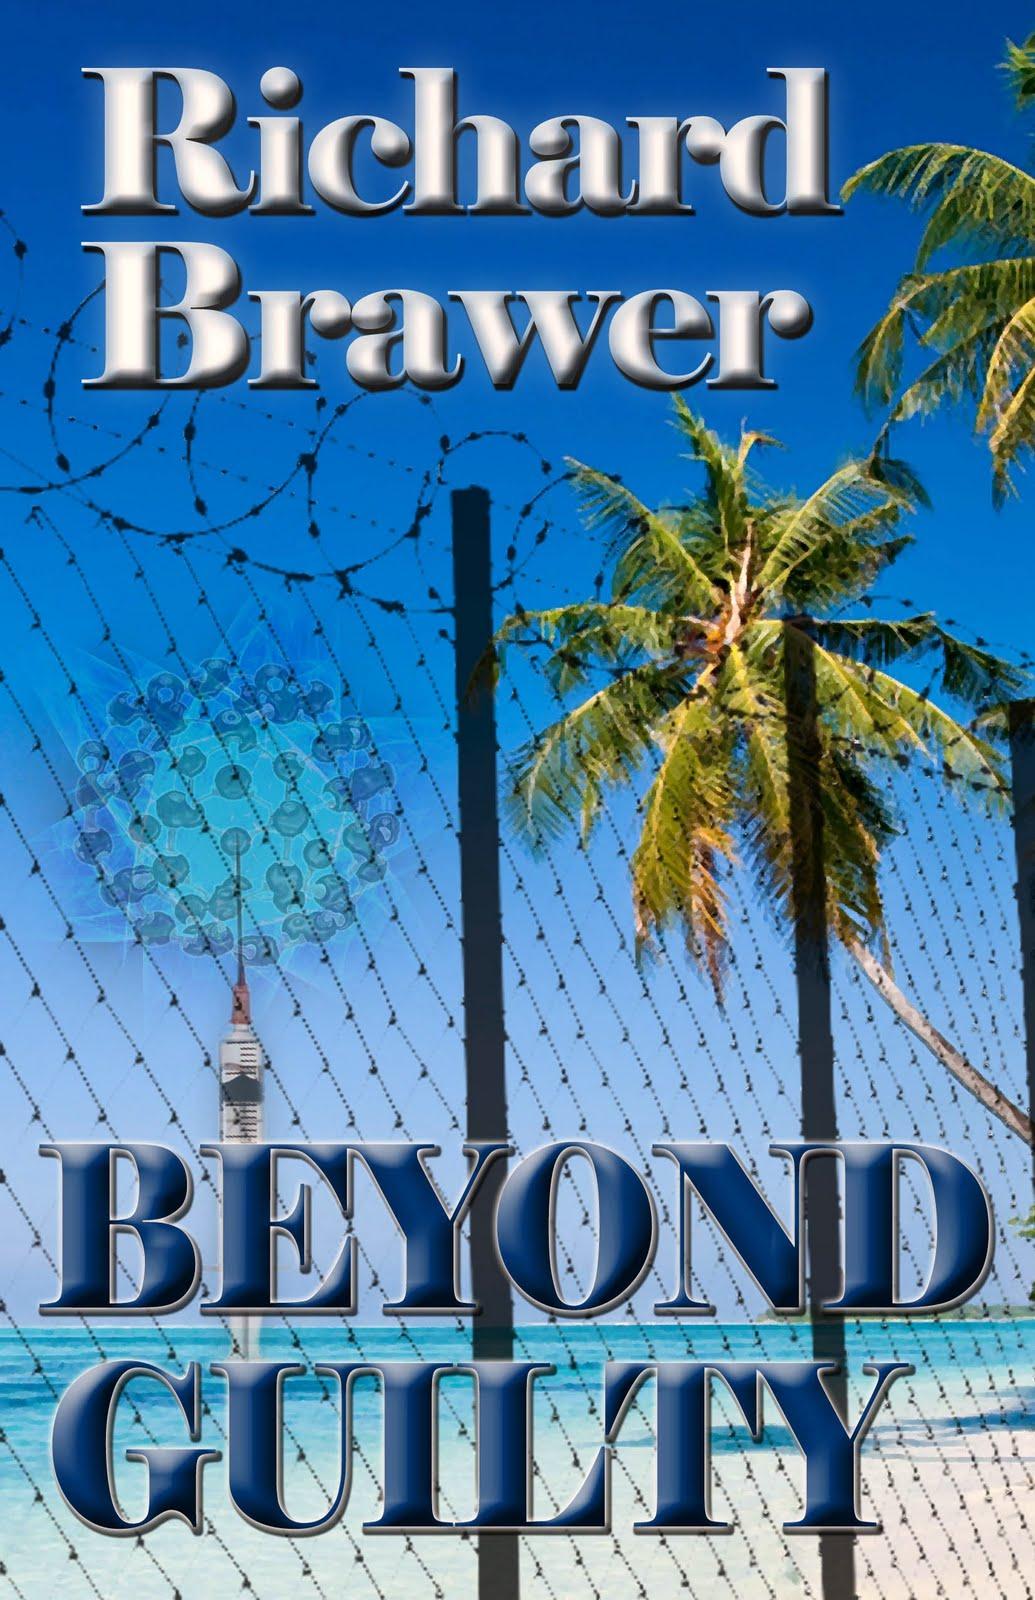 Interview with novelist Richard Brawer